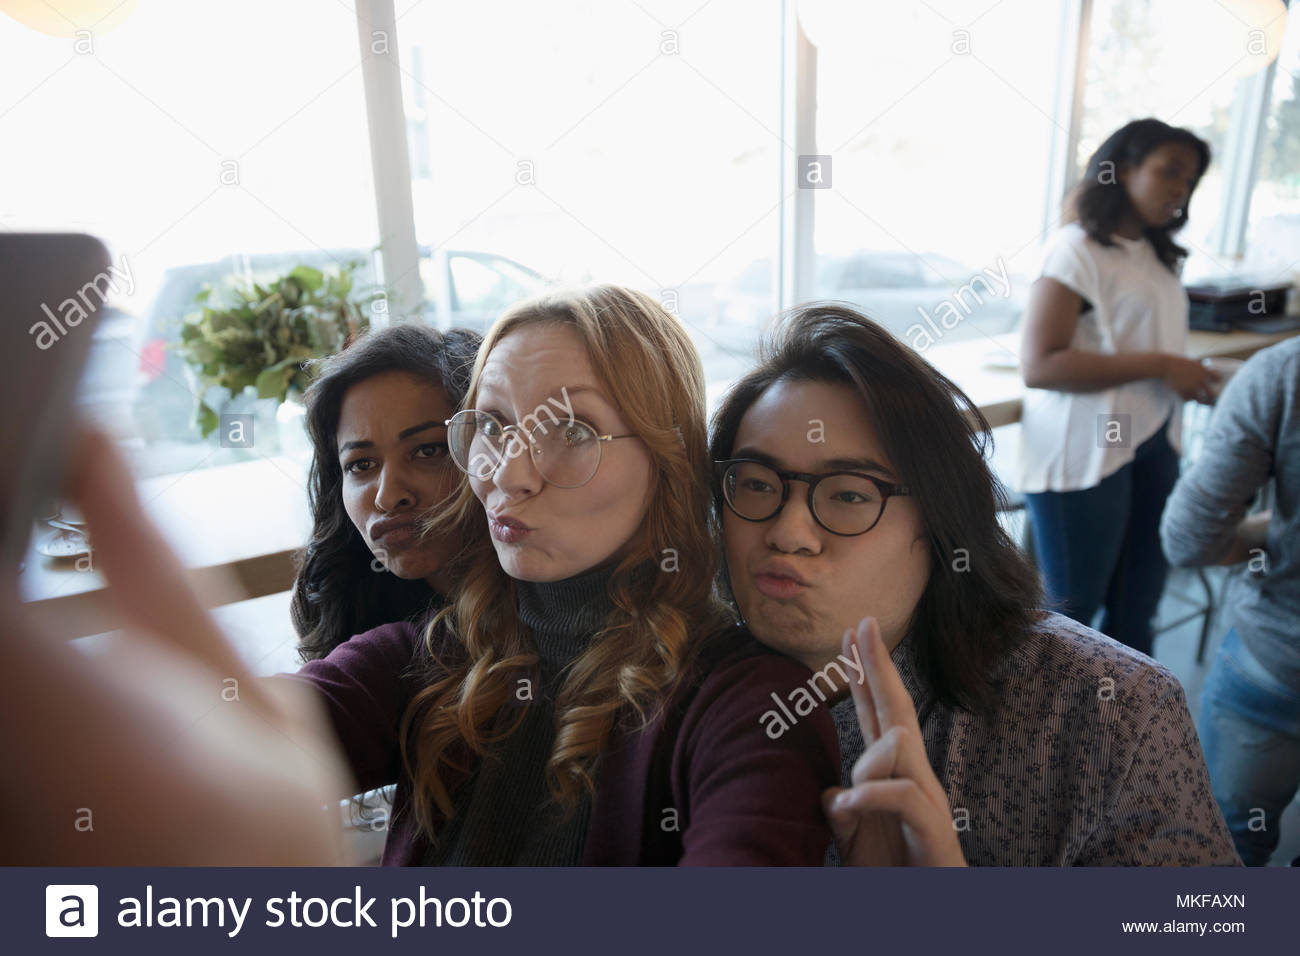 Verspielt, dummer Junge Freunde machen ein Gesicht, posieren für selfie Stockbild